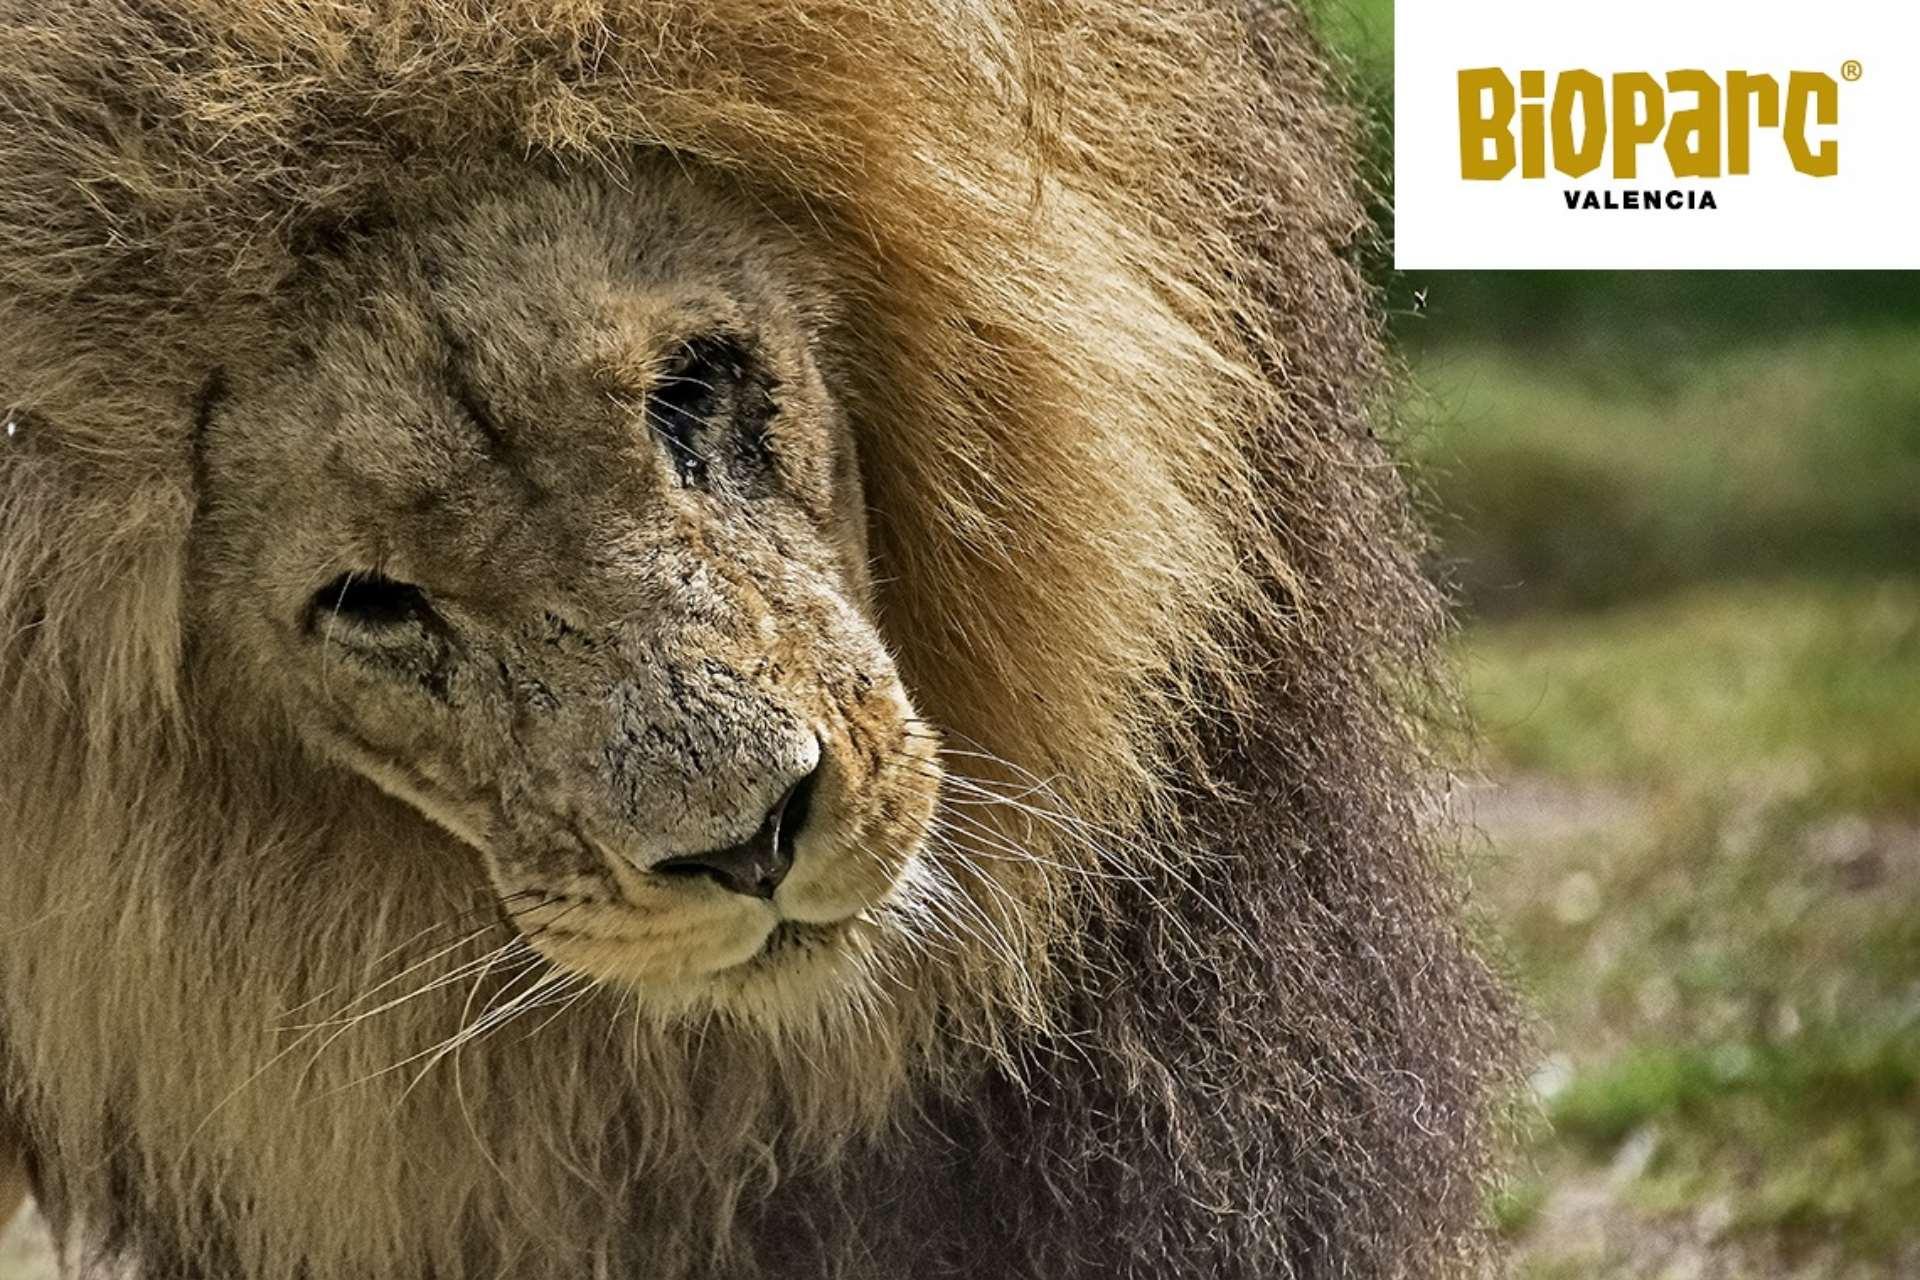 Visitar el Bioparc en Valencia. Guía de turismo Valencia